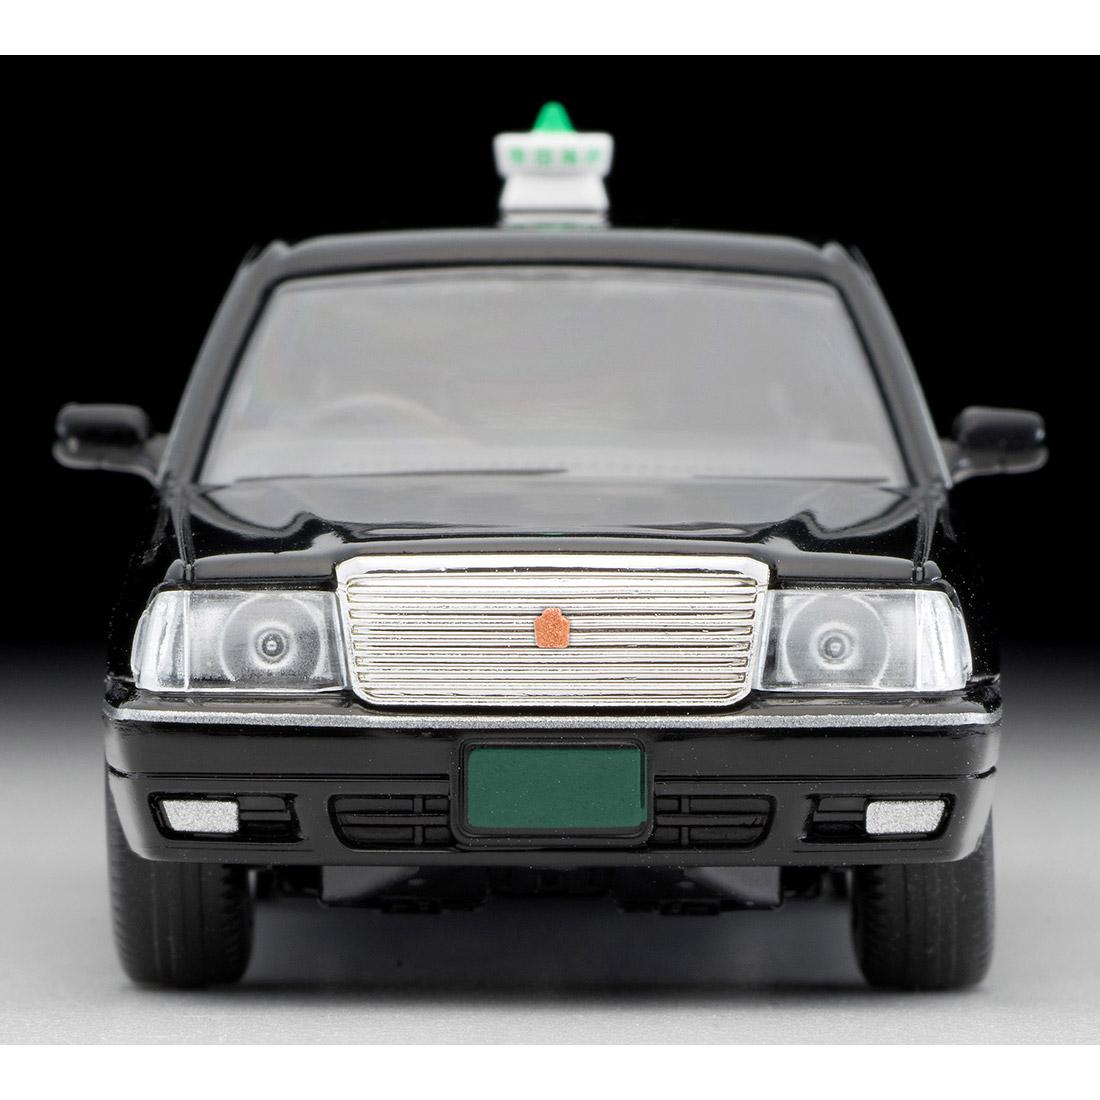 トミカリミテッド ヴィンテージ ネオ TLV-NEO『LV-N218a トヨタ クラウンコンフォート 東京無線タクシー(緑)』1/64 ミニカー-012